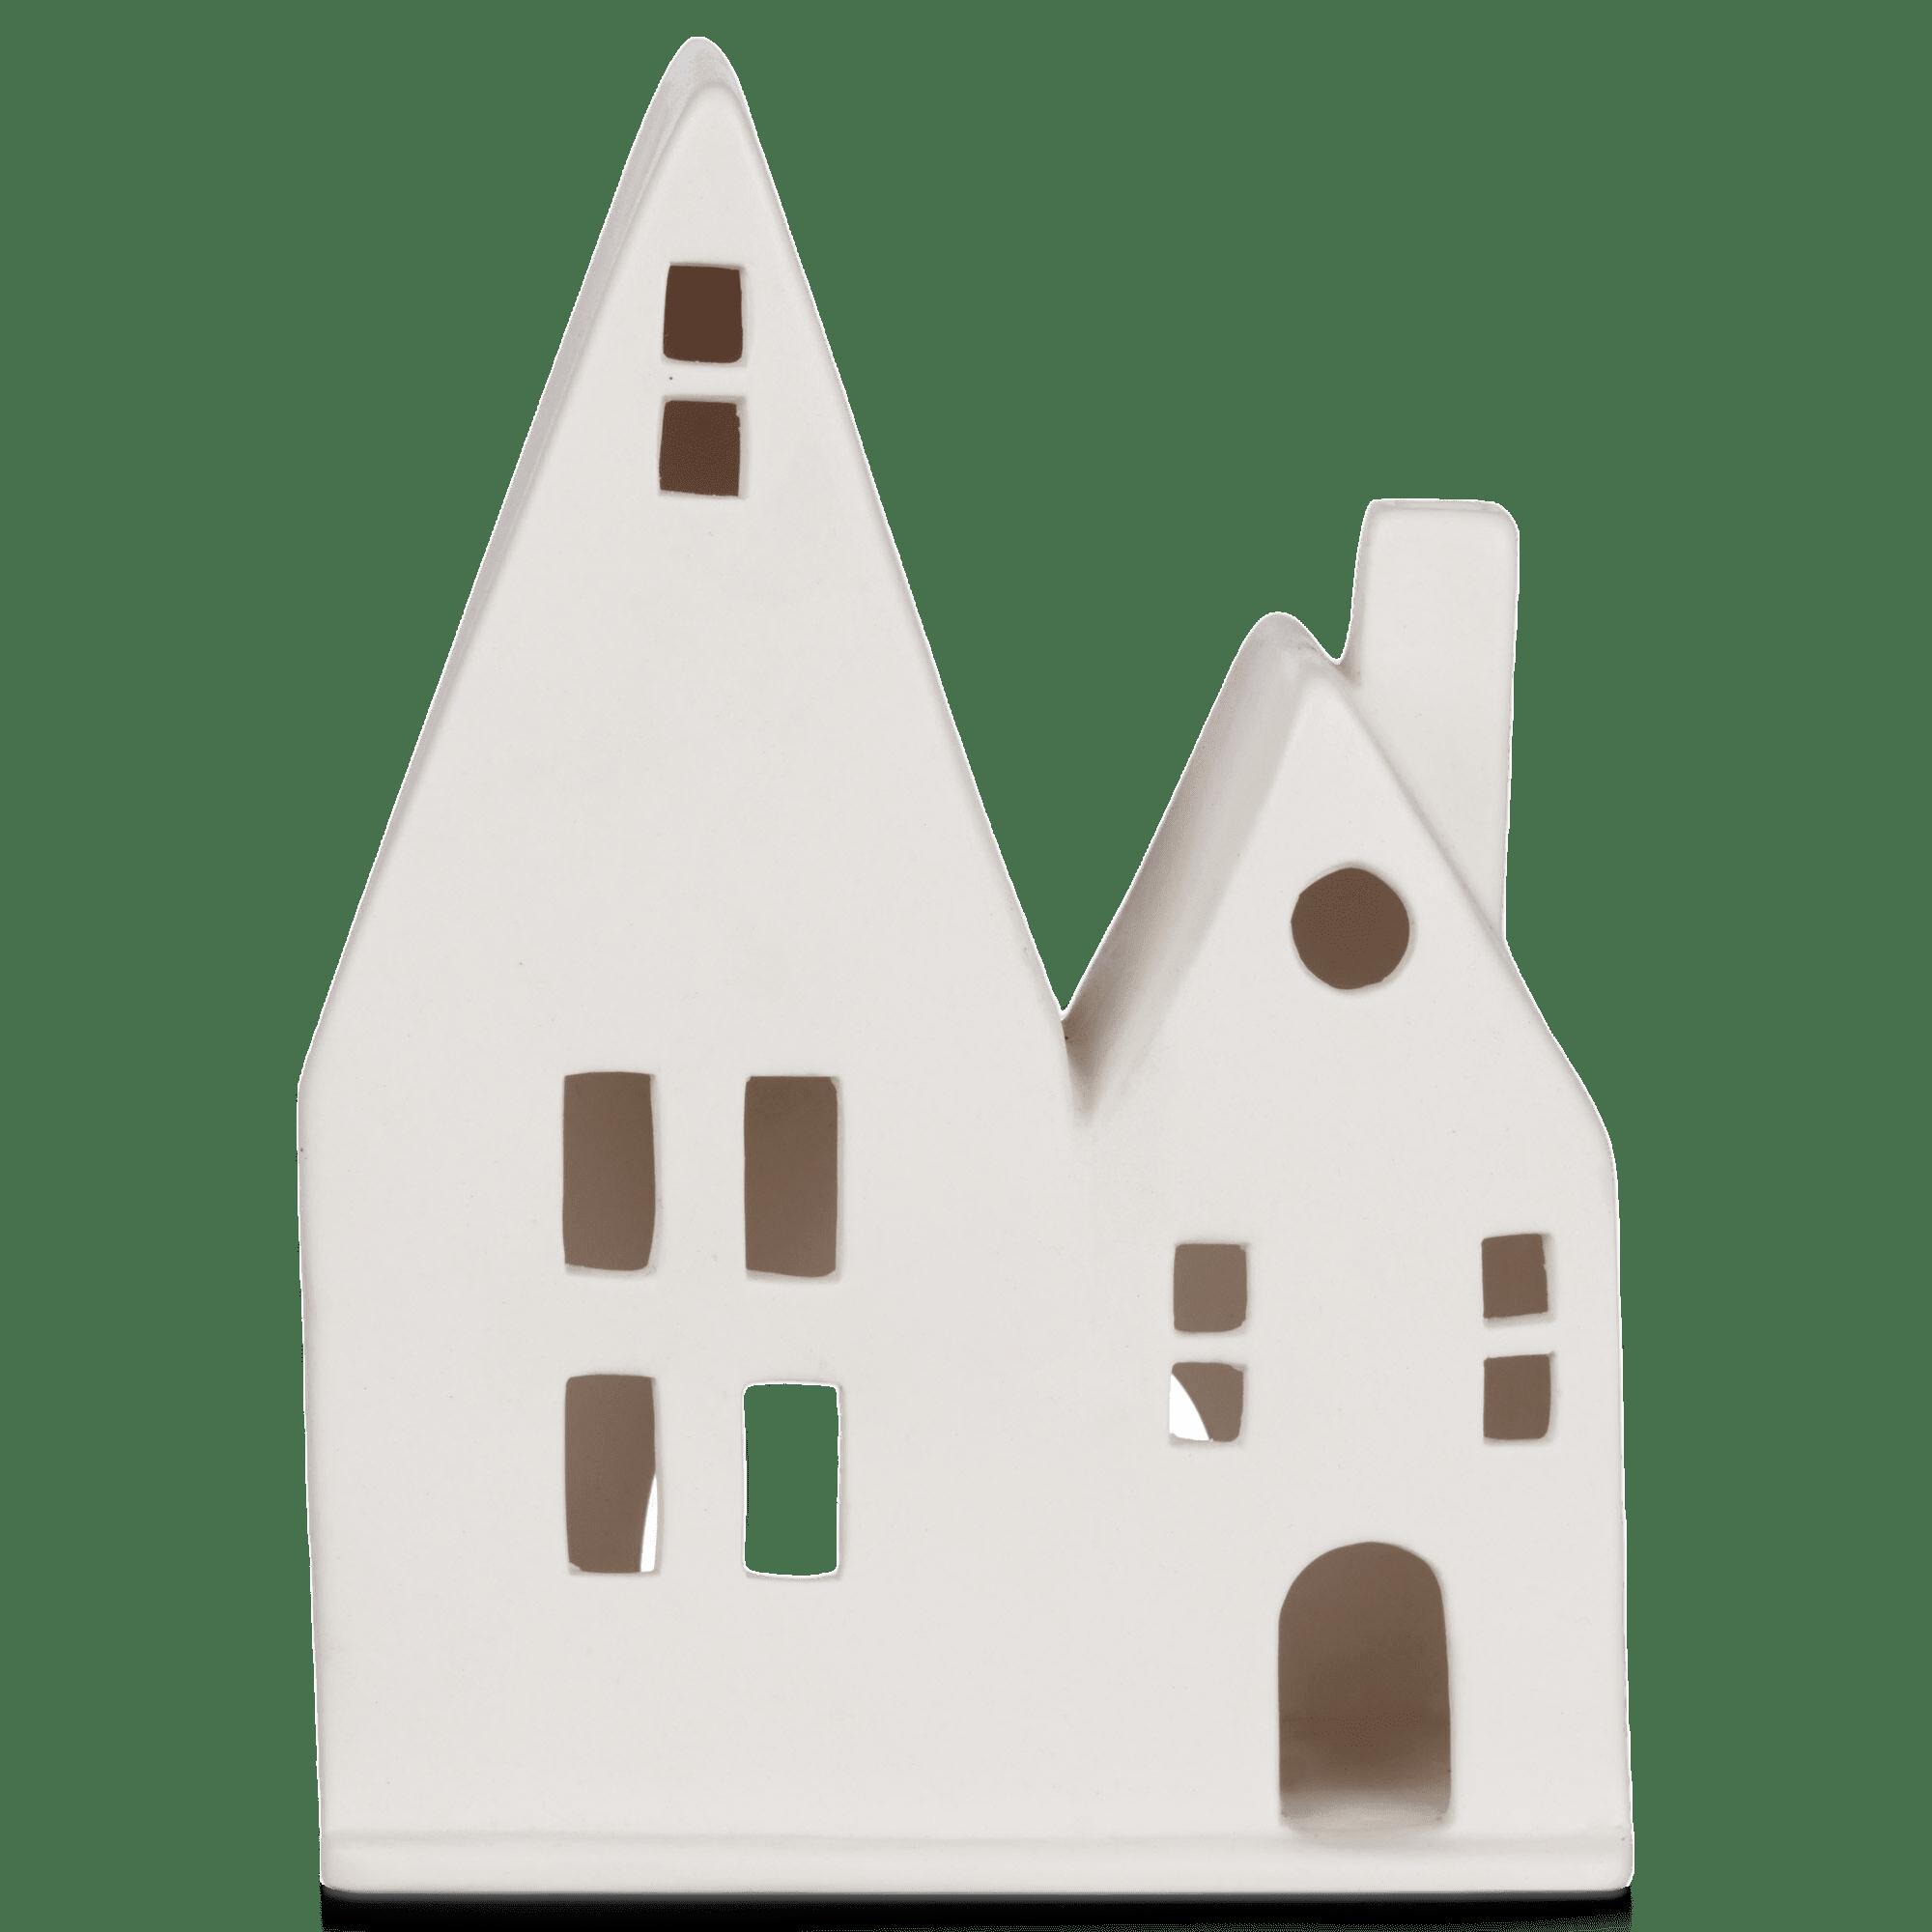 Maisons en céramique décorative